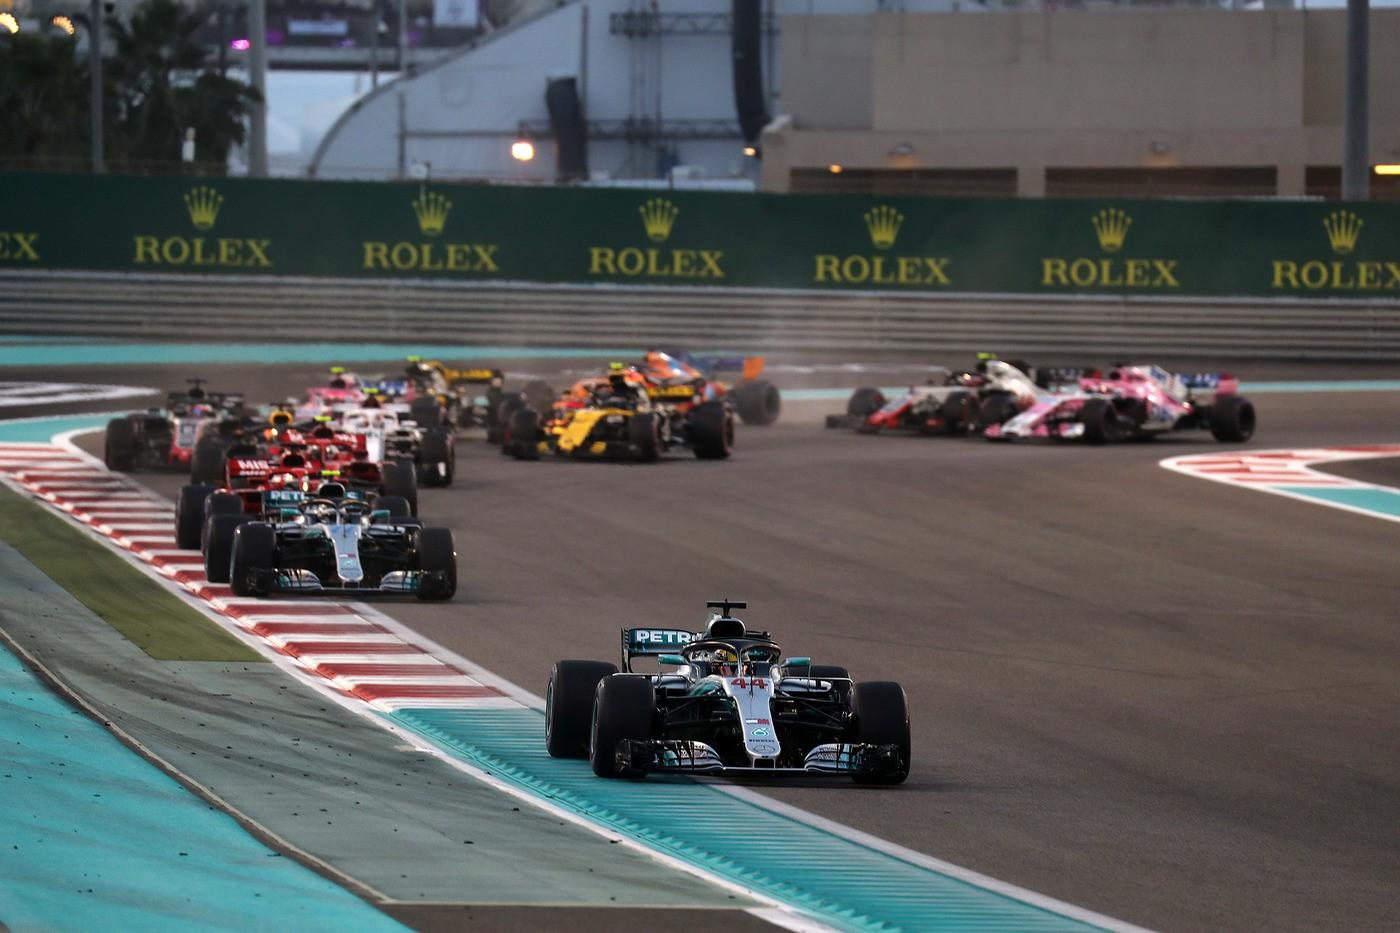 © Photo4 / LaPresse 25/11/2018 Abu Dhabi, UAE Sport Grand Prix Formula One Abu Dhabi 2018 In the pic: Start of the race